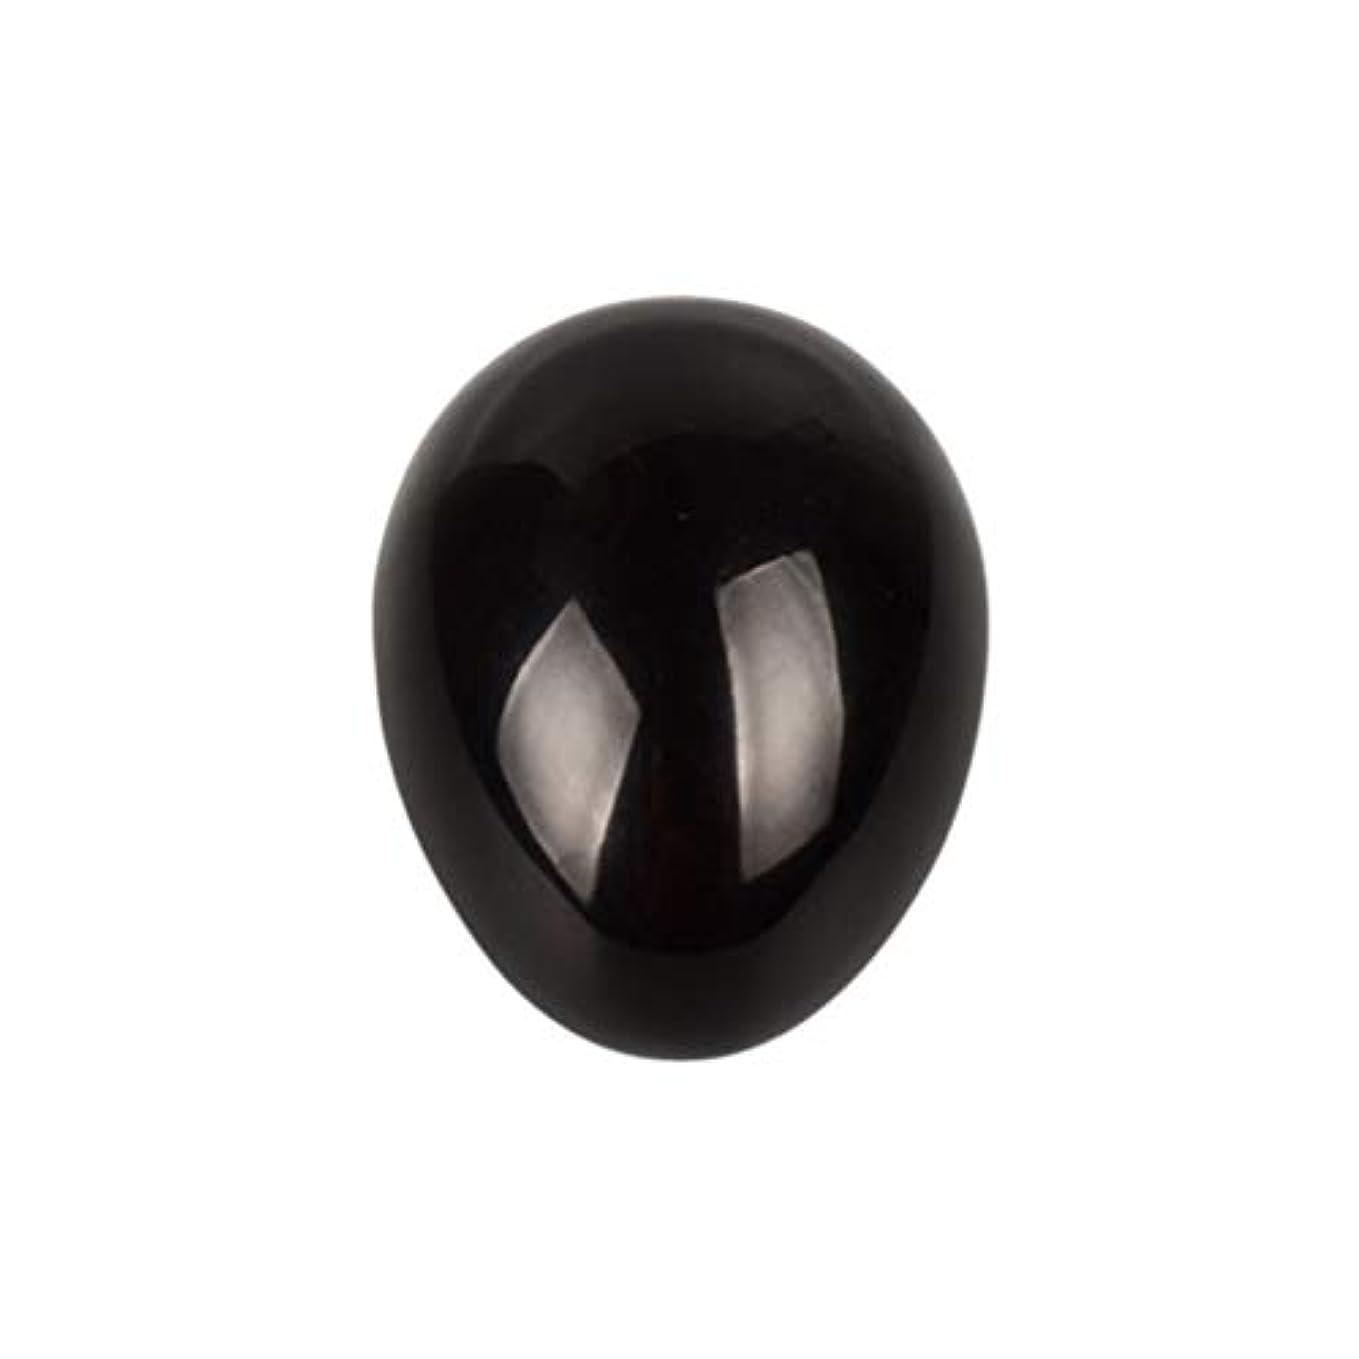 記念日閃光プレミアムHealifty 癒しの瞑想のための黒い黒曜石の宝石の卵球チャクラのバランスと家の装飾45 * 30 * 30ミリメートル